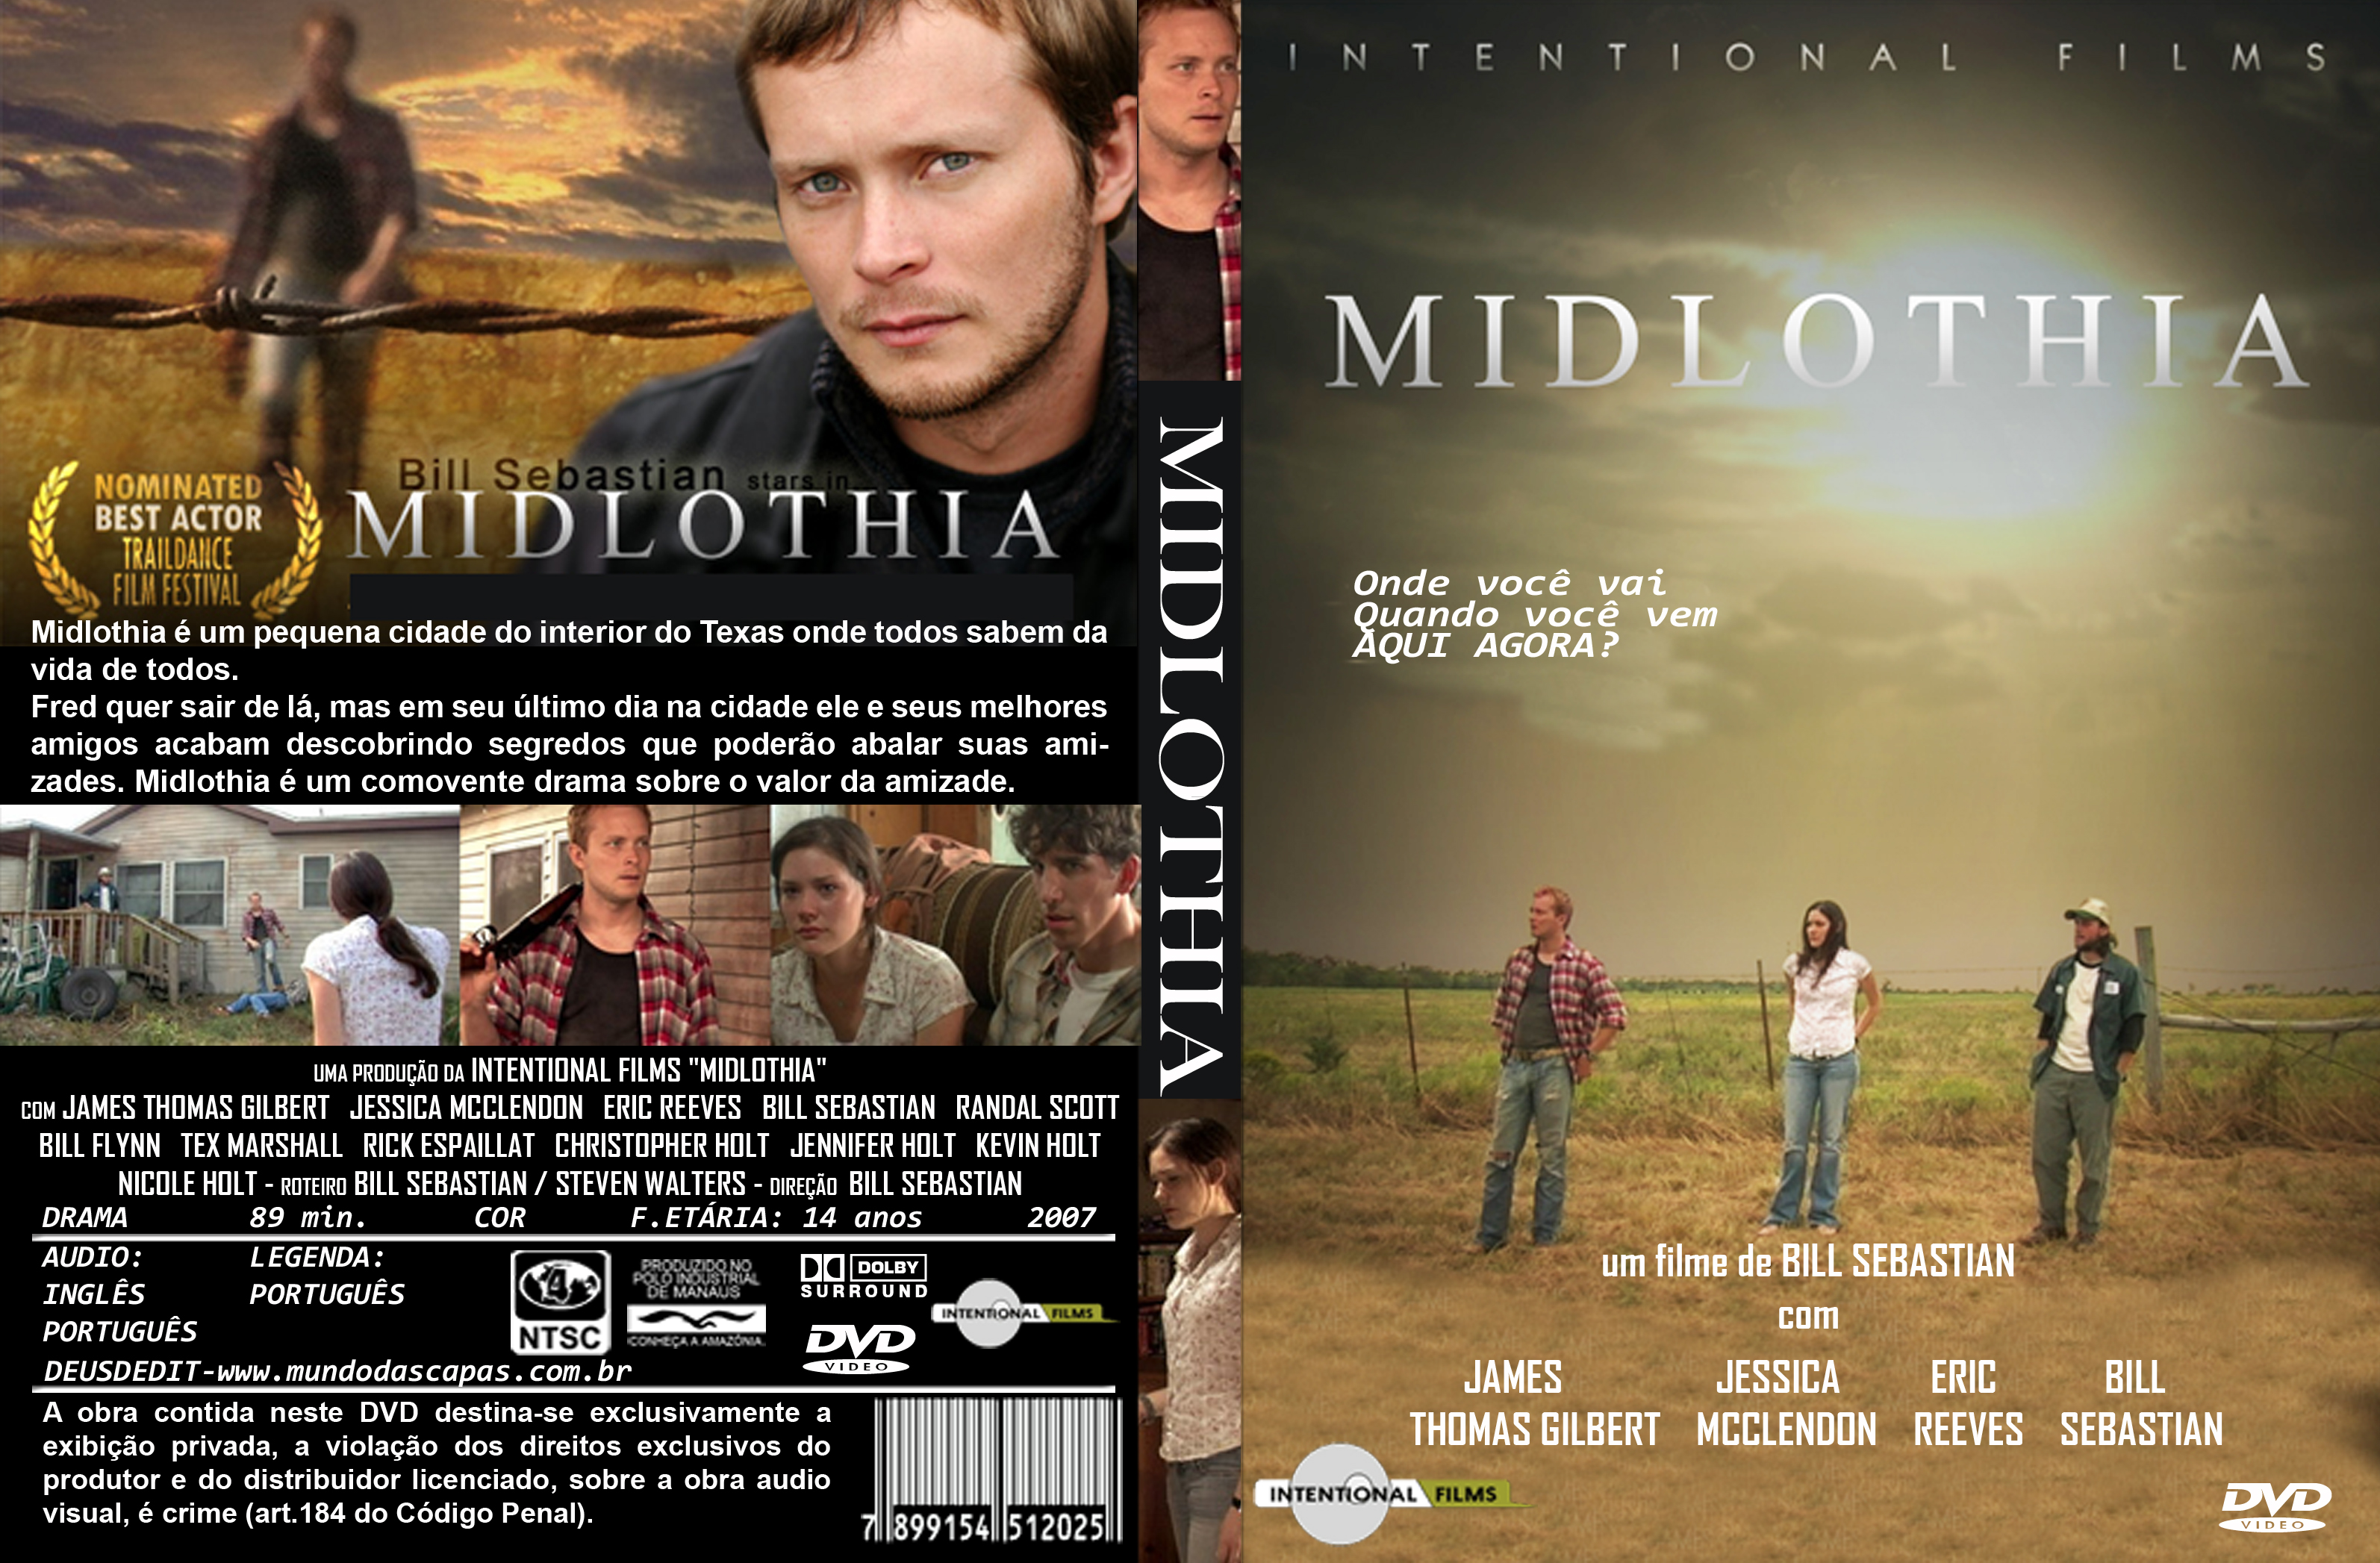 Midlothia